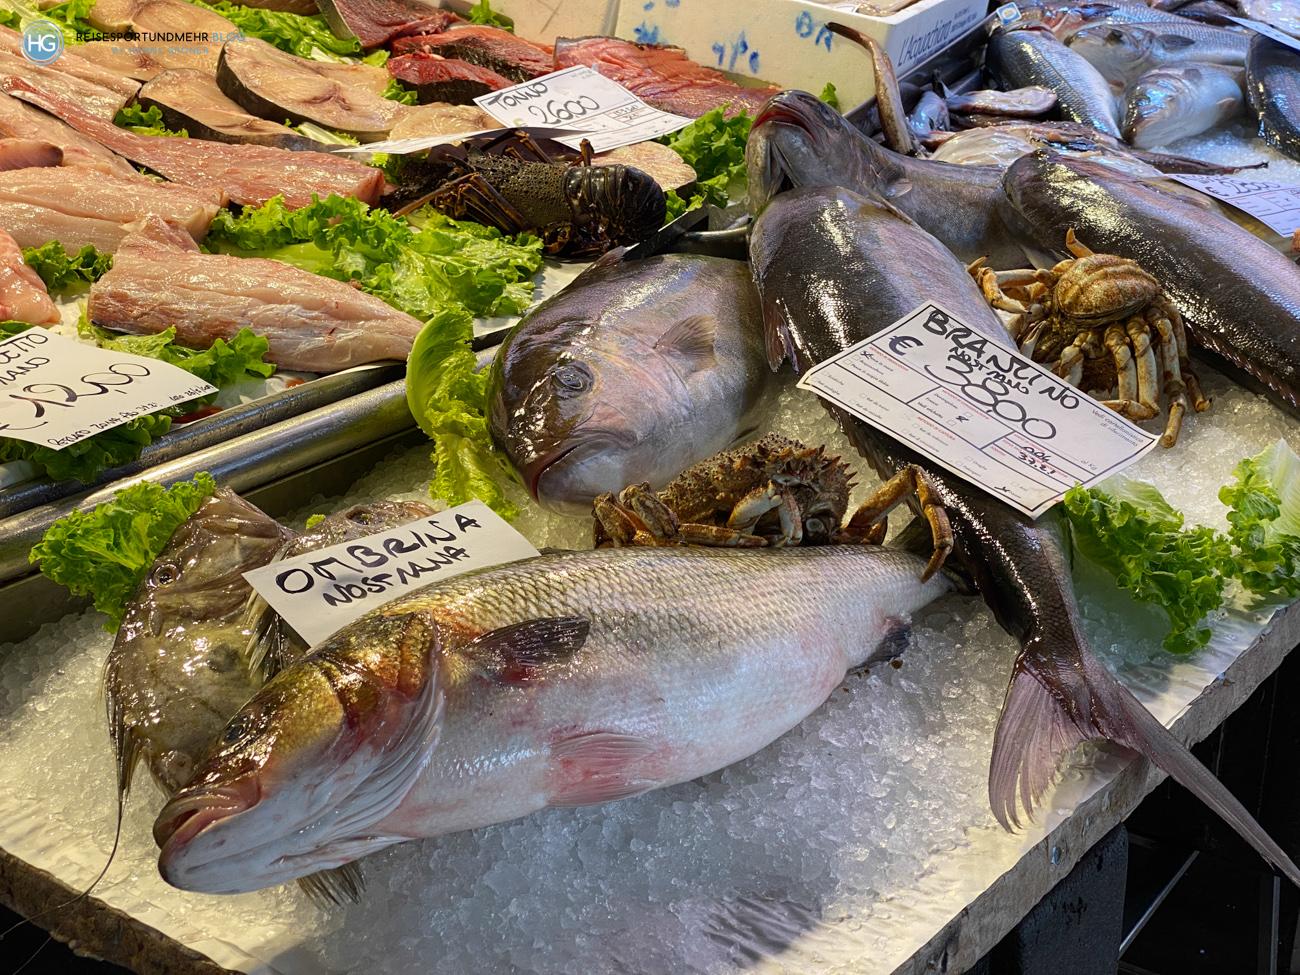 Venedig 2021 - Fischmarkt Rialto (Foto: Hanns Gröner)